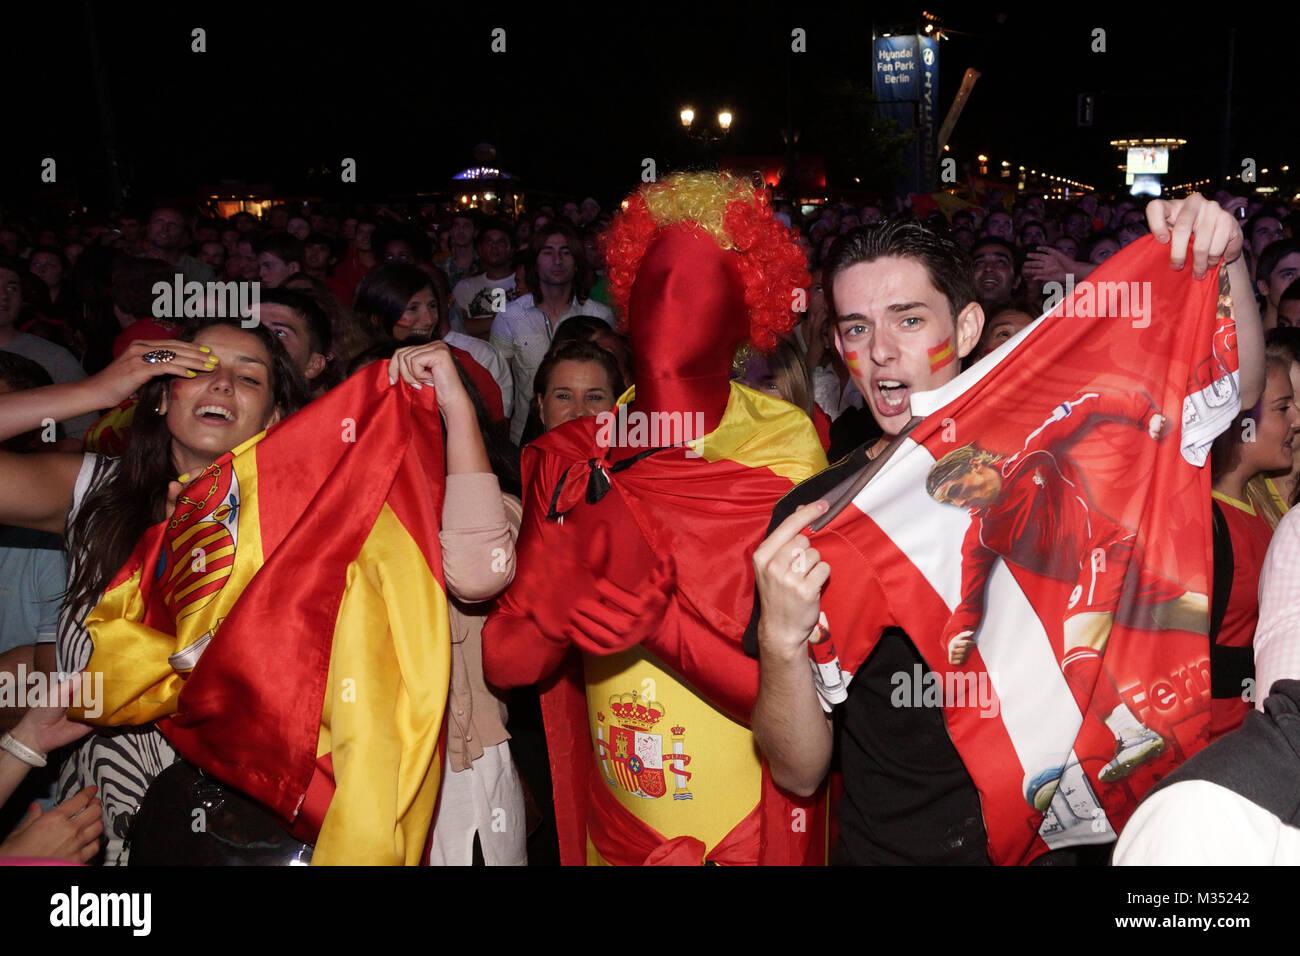 Laut jubelnde Fußballfans beim Sieg von Spanien gegen Italien an der Fanmeile zur Europameisterschaft 2012 am Brandenburger Tor en Berlín. Foto de stock